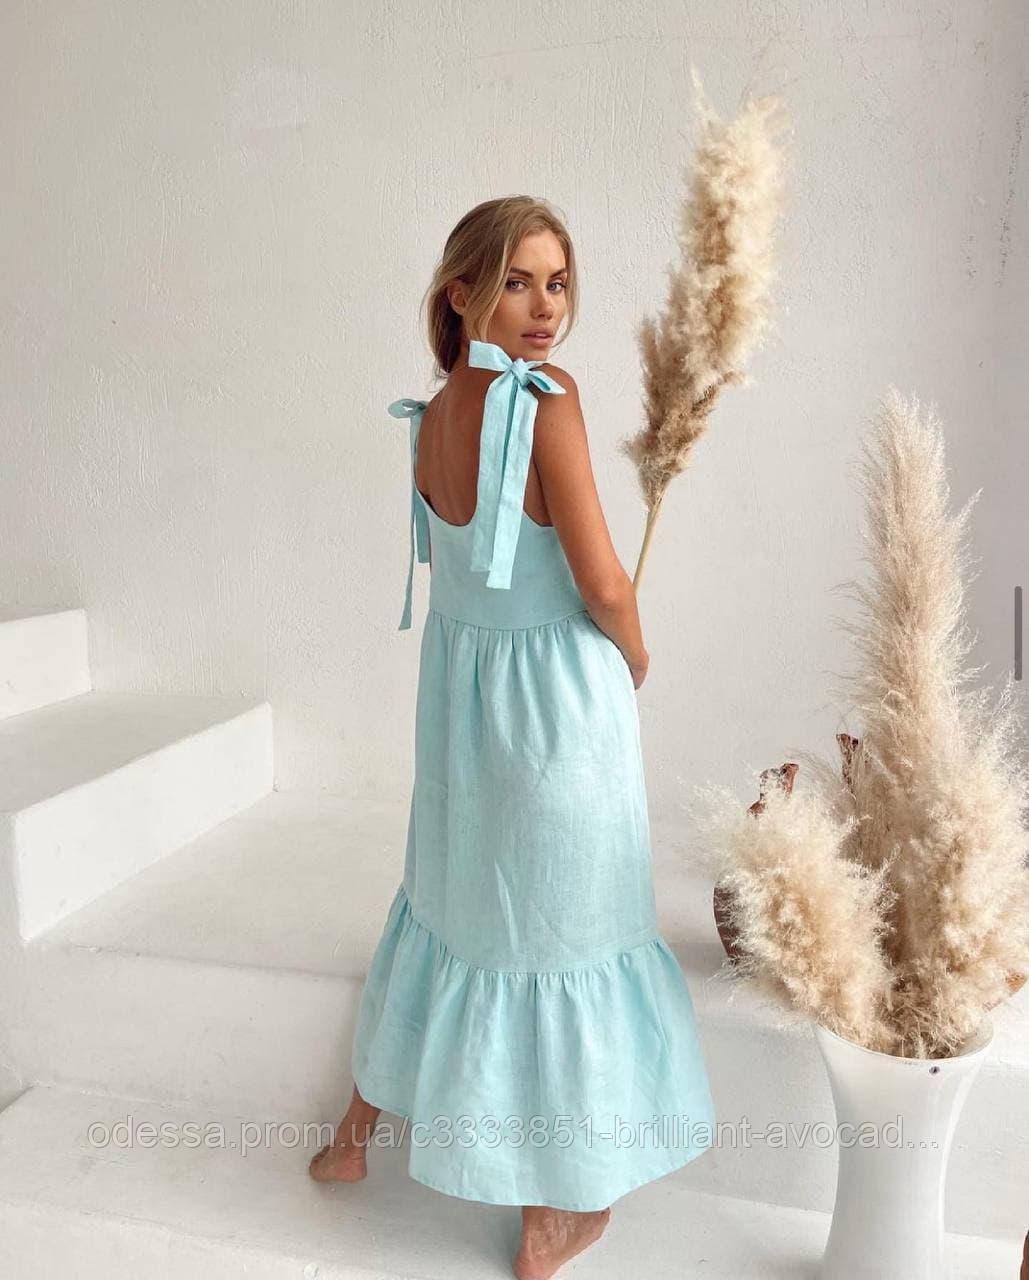 Женский летний длинный льняной сарафан с завязками на бретельках